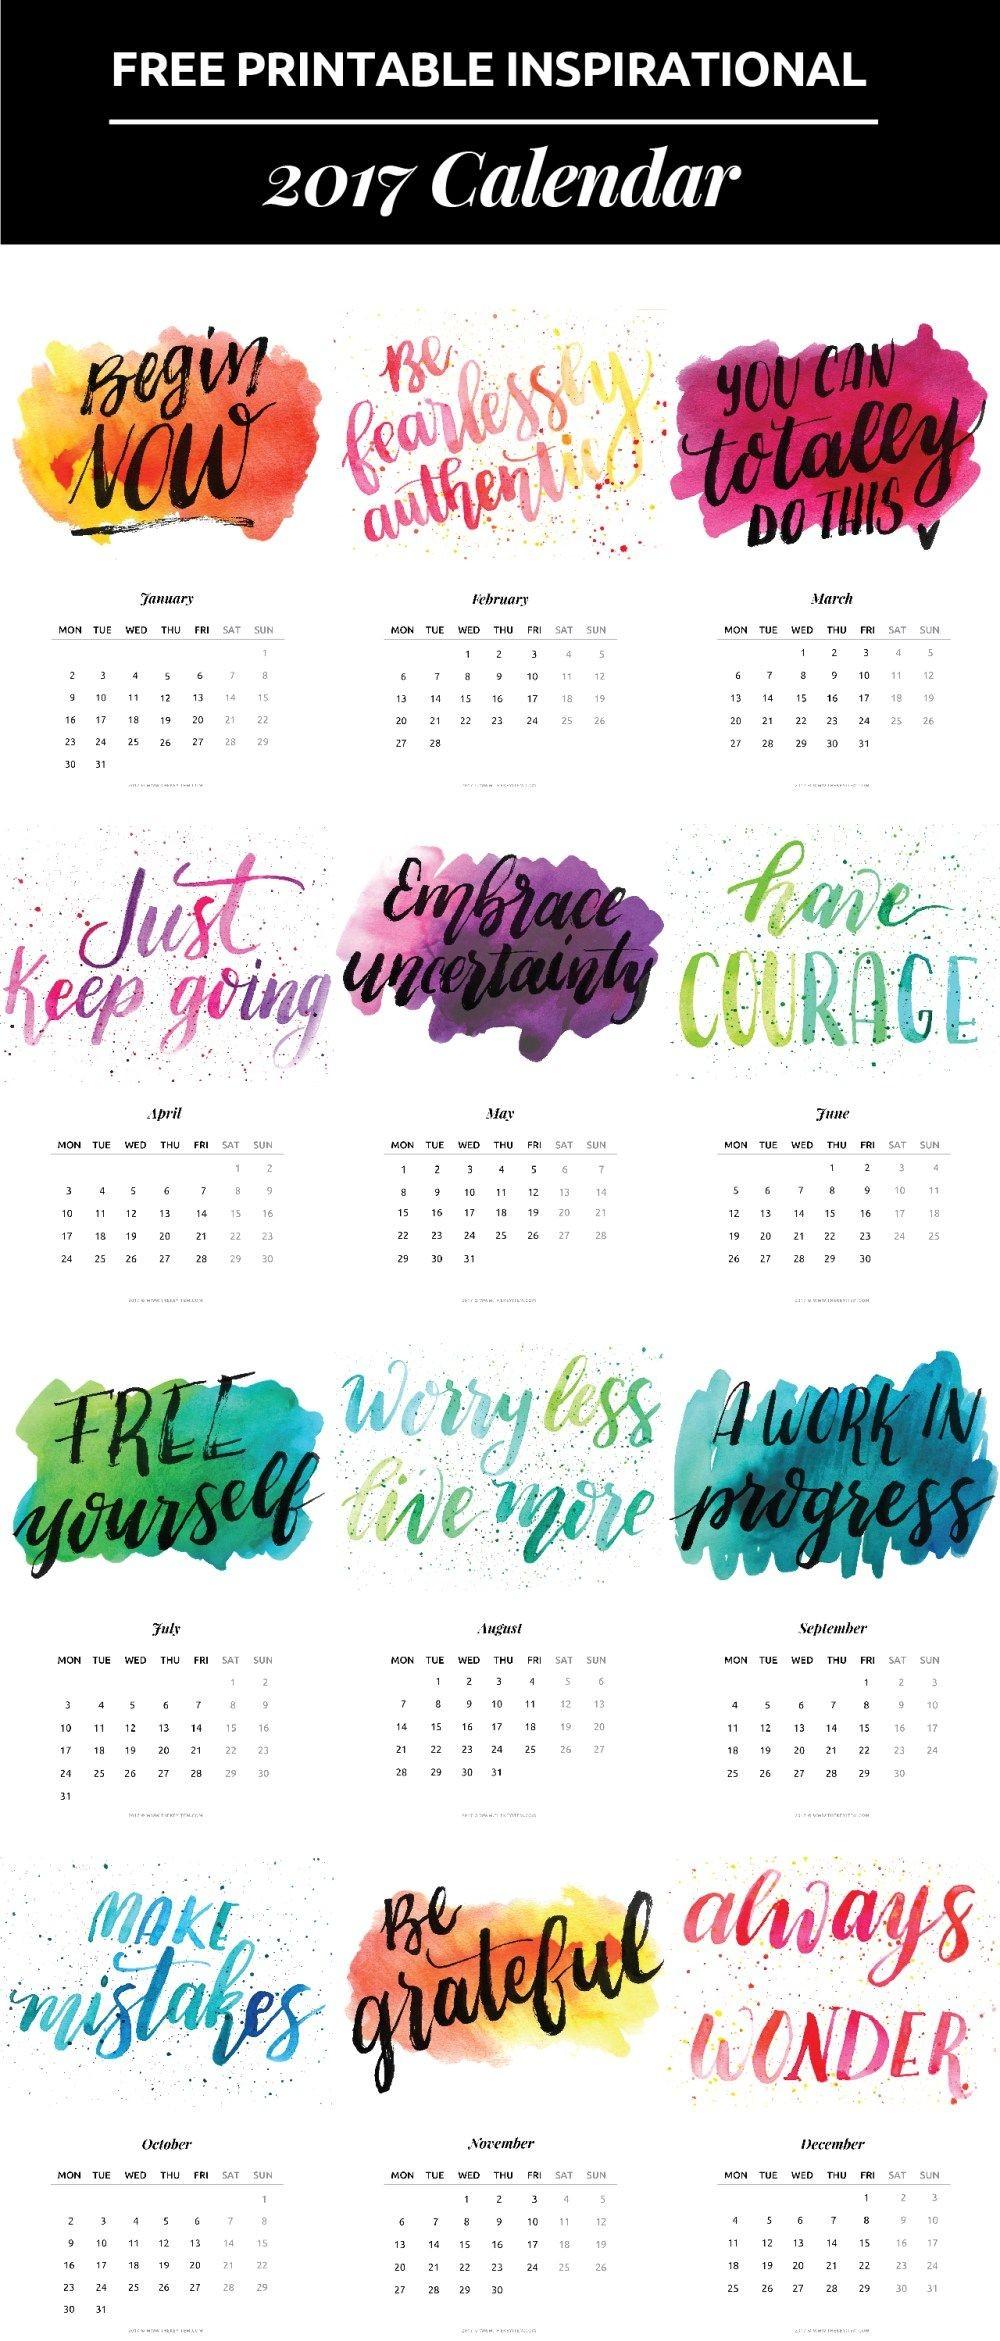 Calendario Imprimir Meses 2017 Recientes Calendario 2017 Con Frases De Inspiraci³n Gratis Of Calendario Imprimir Meses 2017 Más Populares Calendario Diciembre 47 Para Imprimir